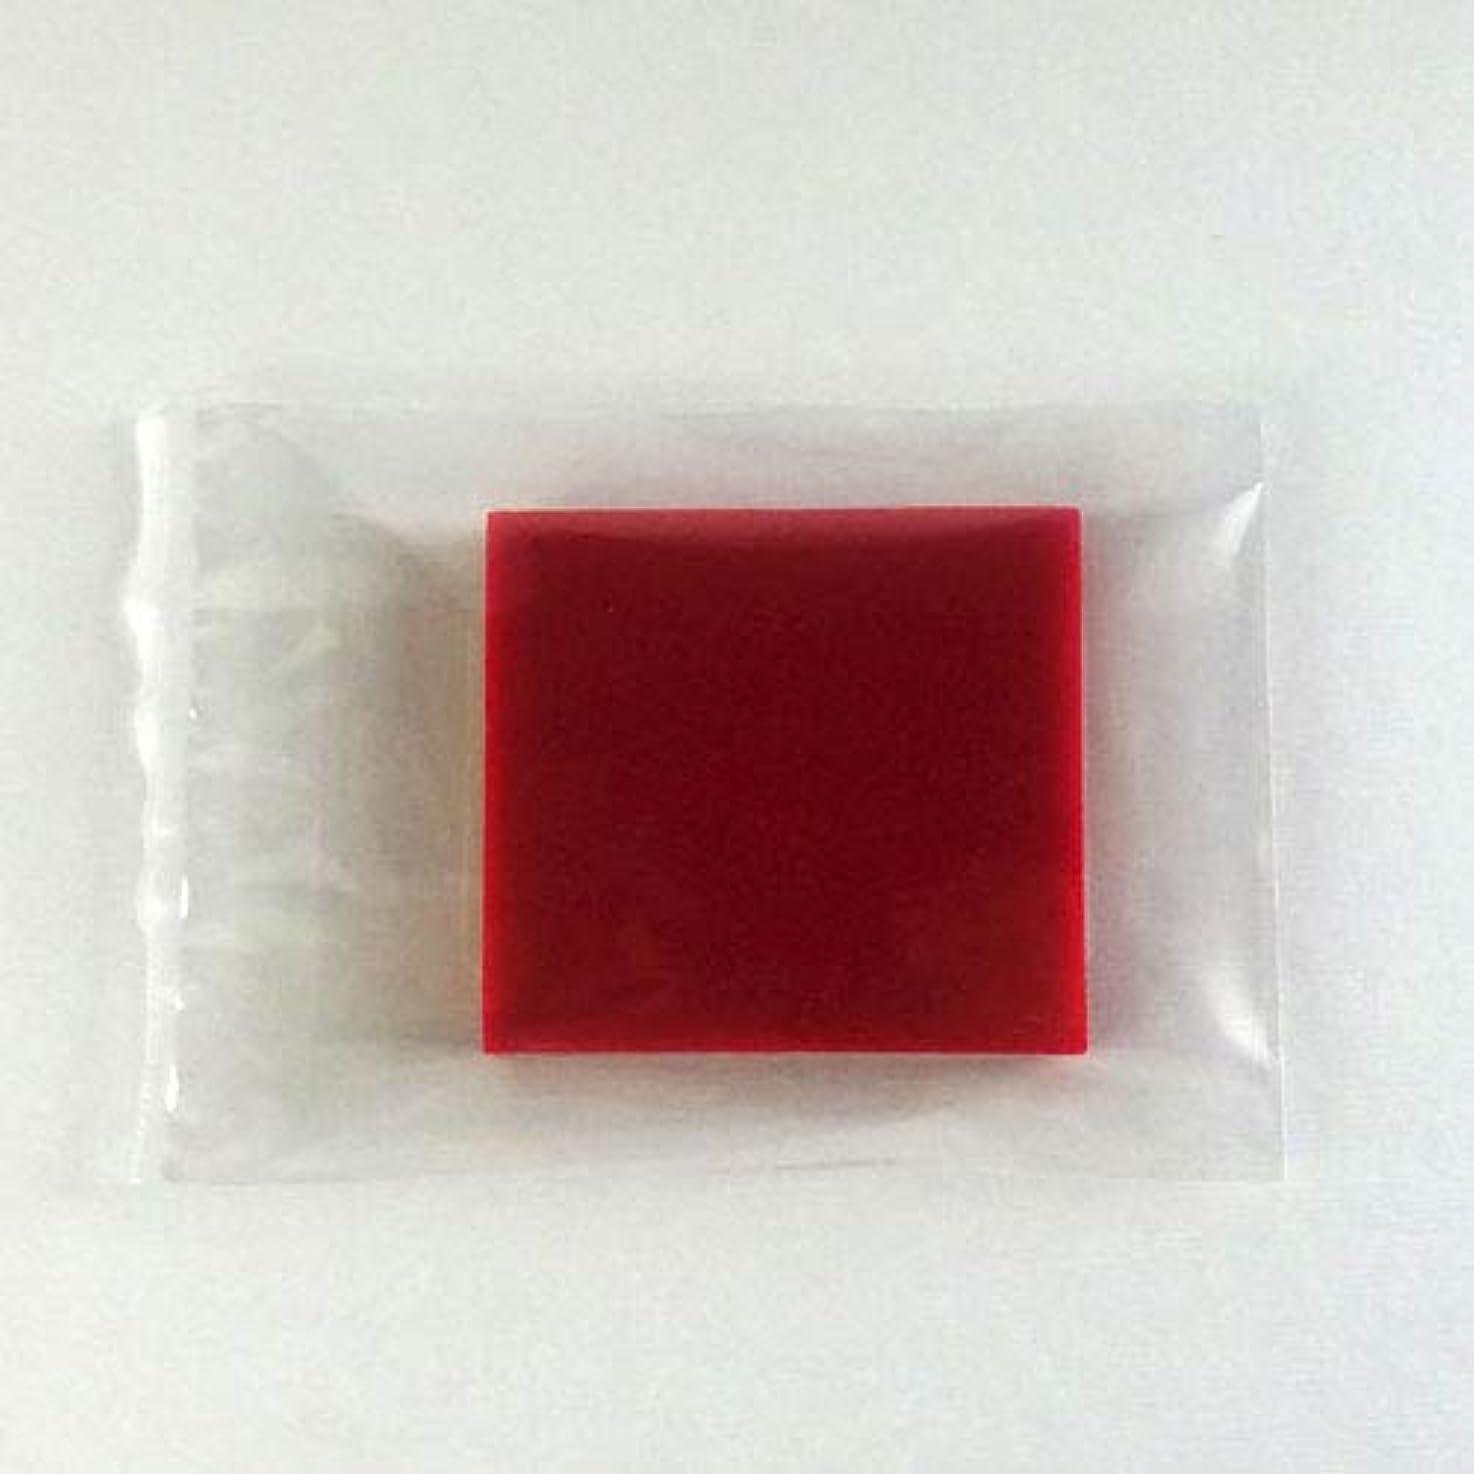 生理血まみれのファセットグリセリンソープ MPソープ 色チップ 赤(レッド) 30g